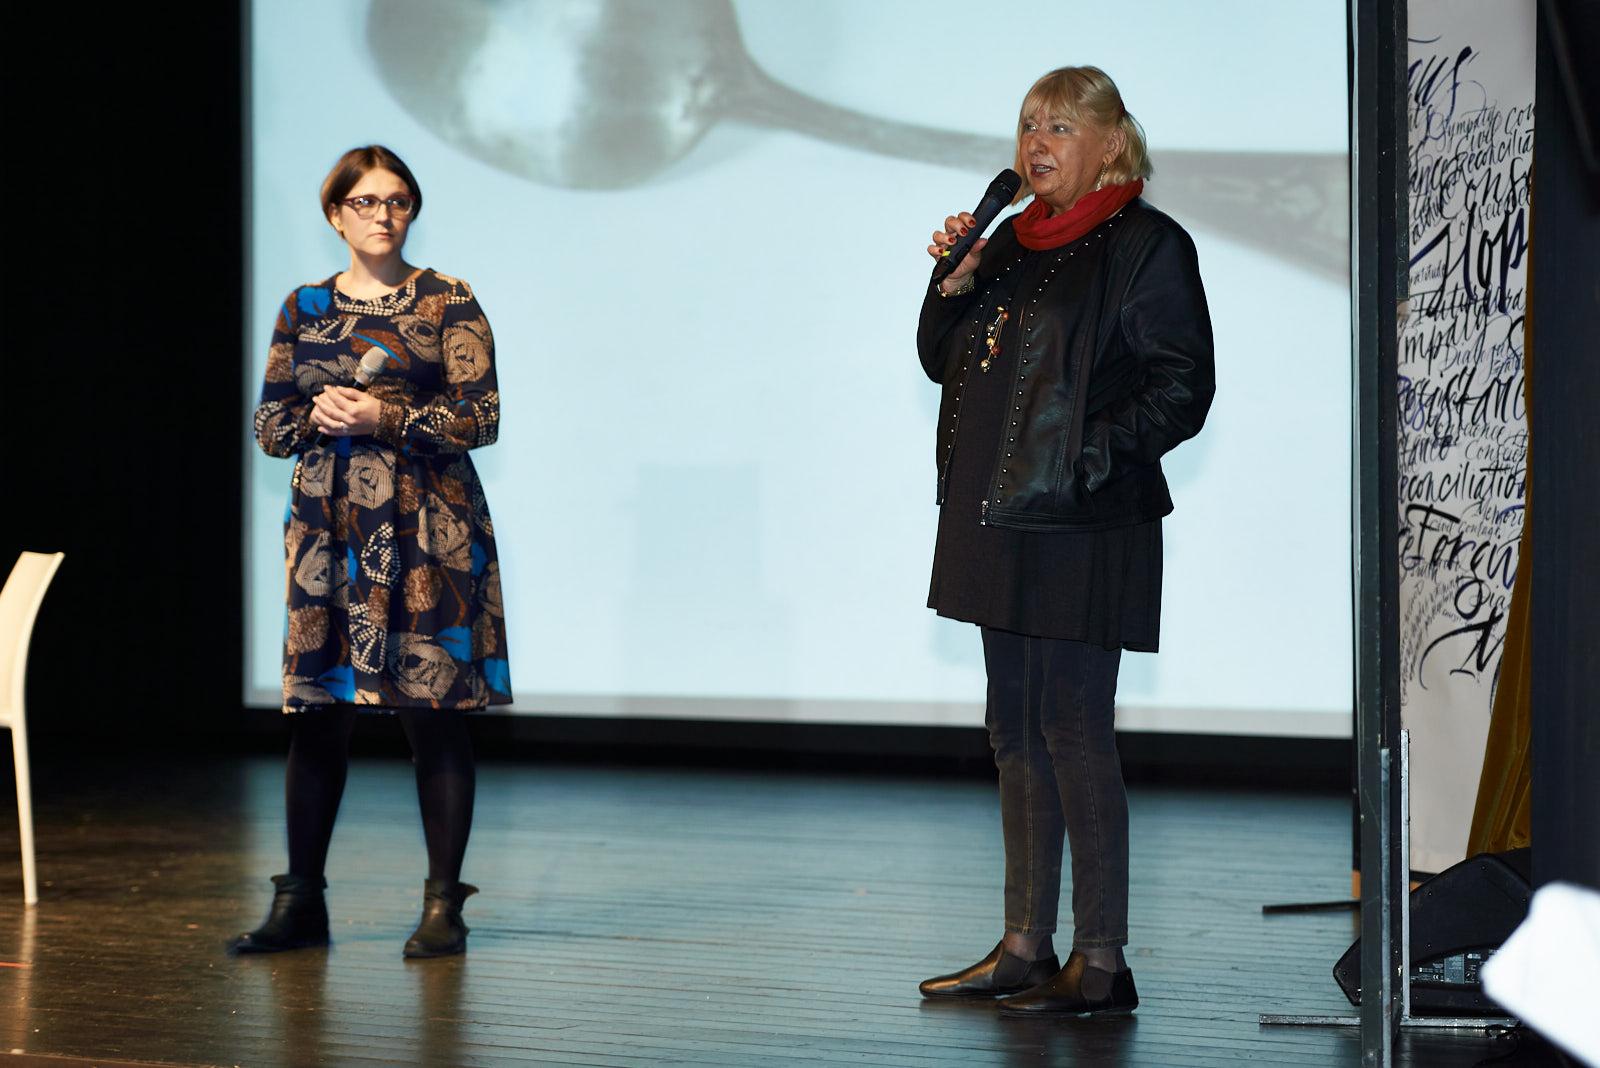 Elżbieta Ficowska, la bambina più piccola salvata da Irena Sendler, con la traduttrice Malgosia Pisarkiewier